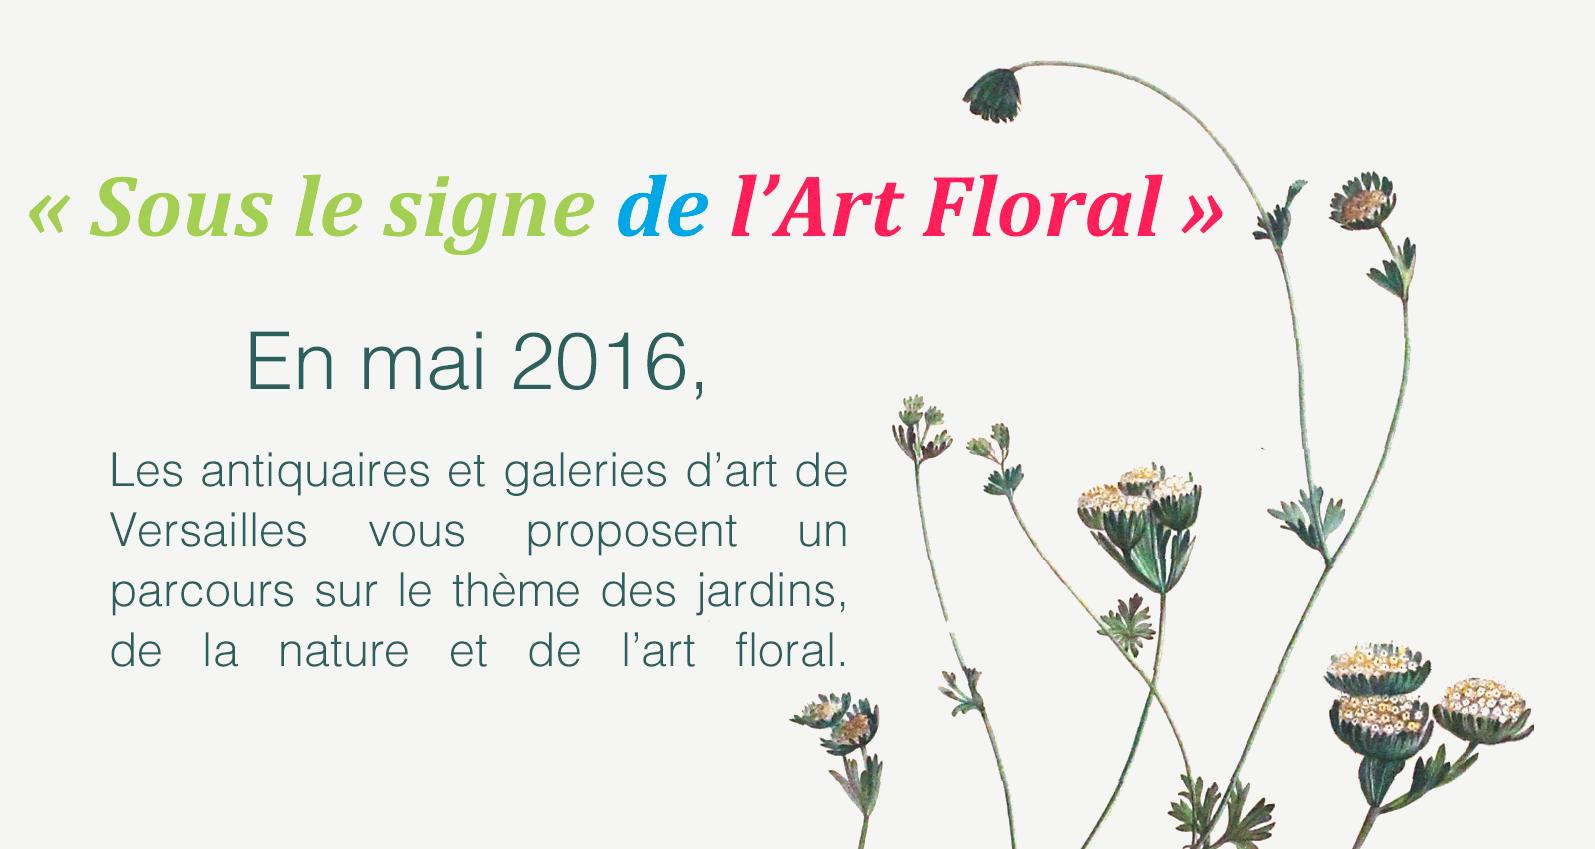 Mai 2016, Sous le signe de l'art floral